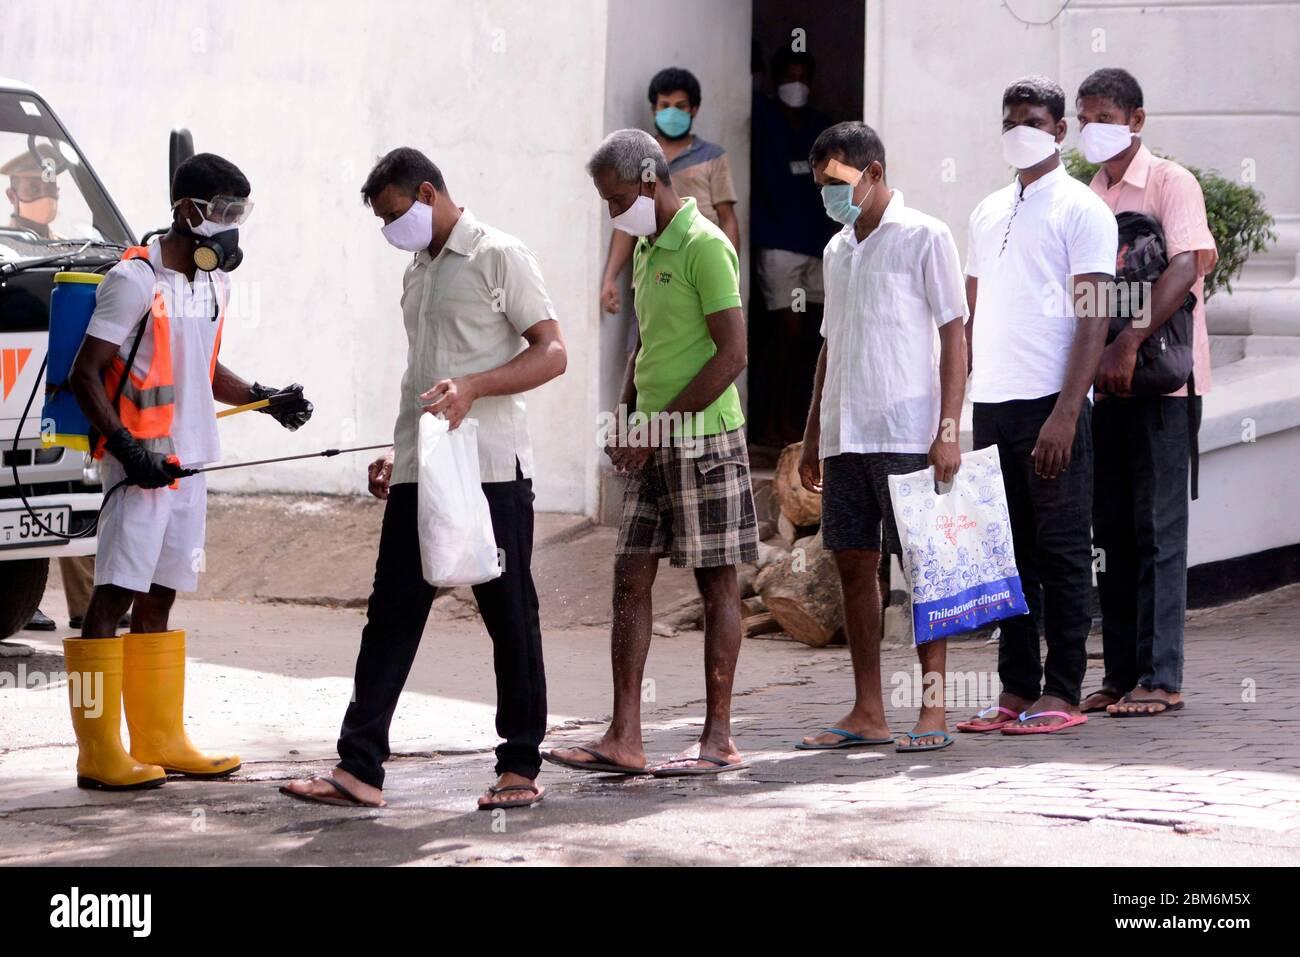 Colombo, Sri Lanka. 7 mai 2020. Les prisonniers quittent la prison de  Welikada à Colombo, Sri Lanka, le 7 mai 2020. Plus de 250 prisonniers ont  été libérés jeudi grâce à une